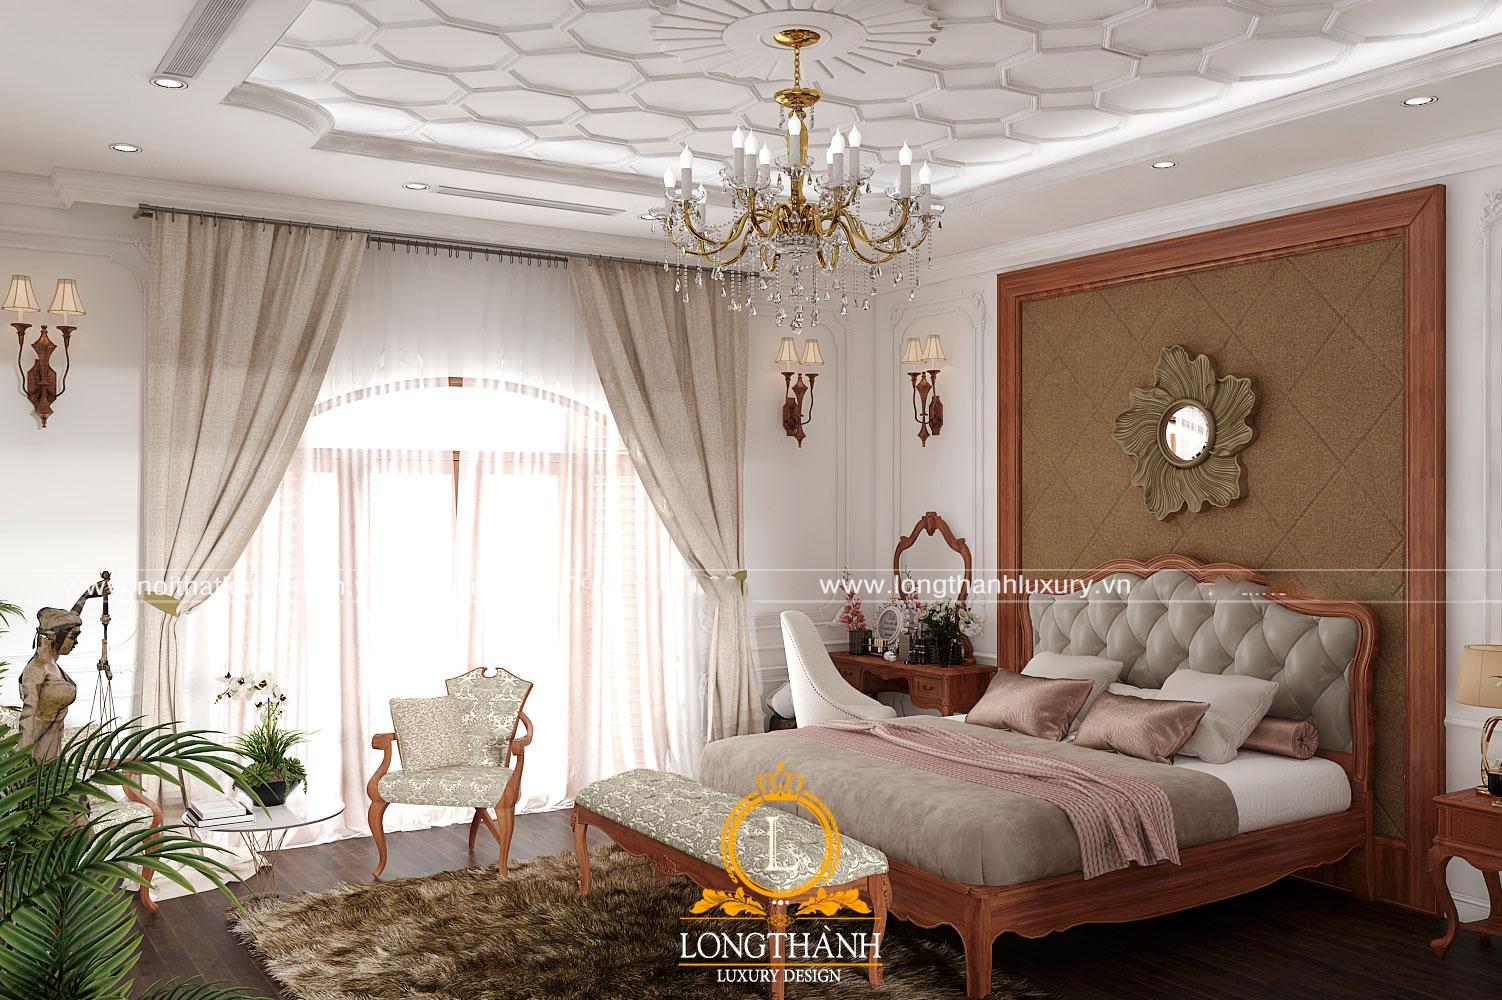 Phòng ngủ tân cổ điển – một không gian yên bình, thư thái để trở về